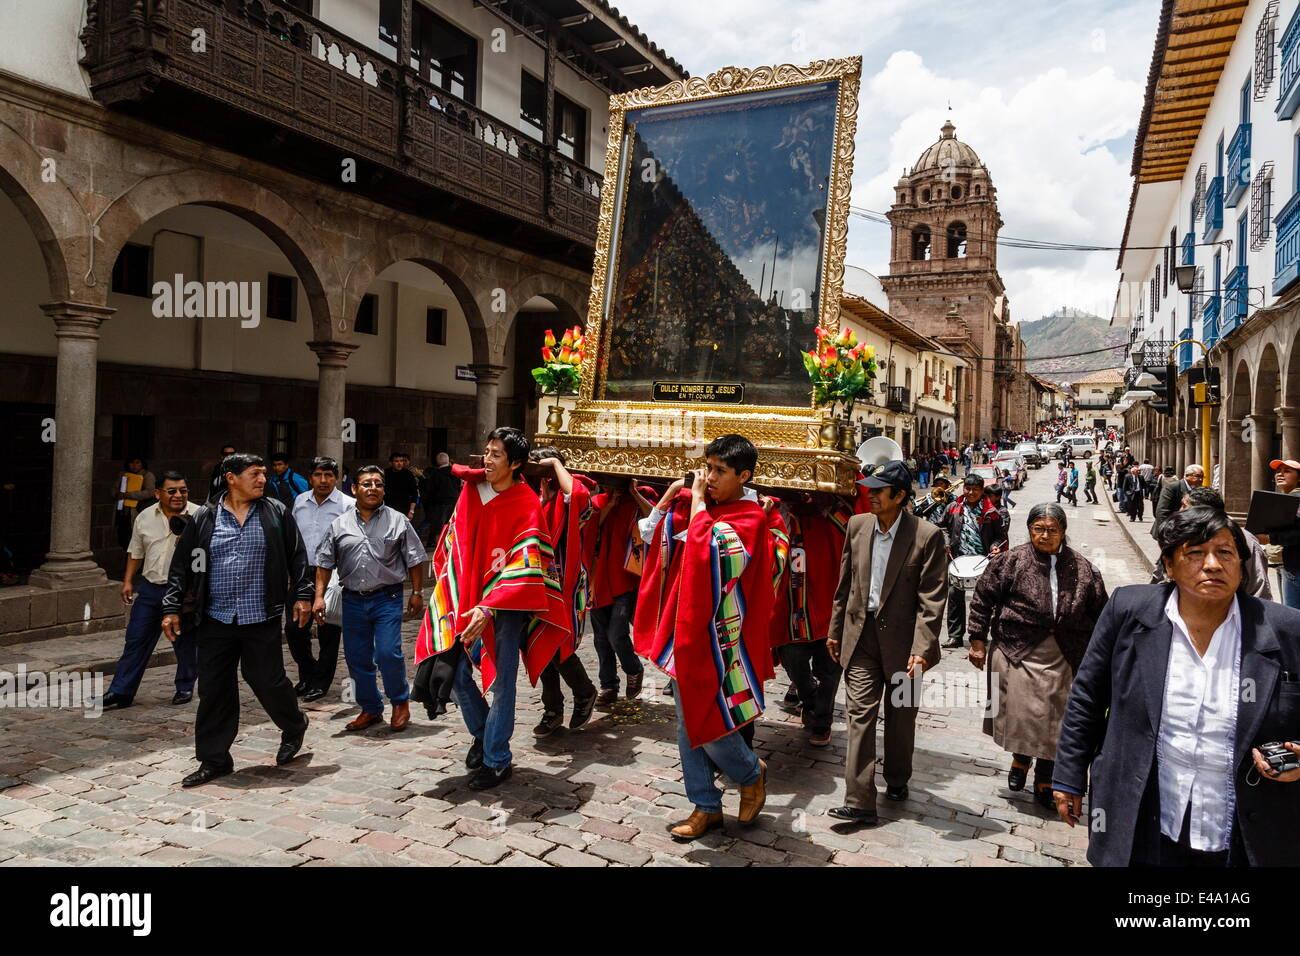 Una procesión religiosa, Cuzco, Perú, América del Sur Imagen De Stock